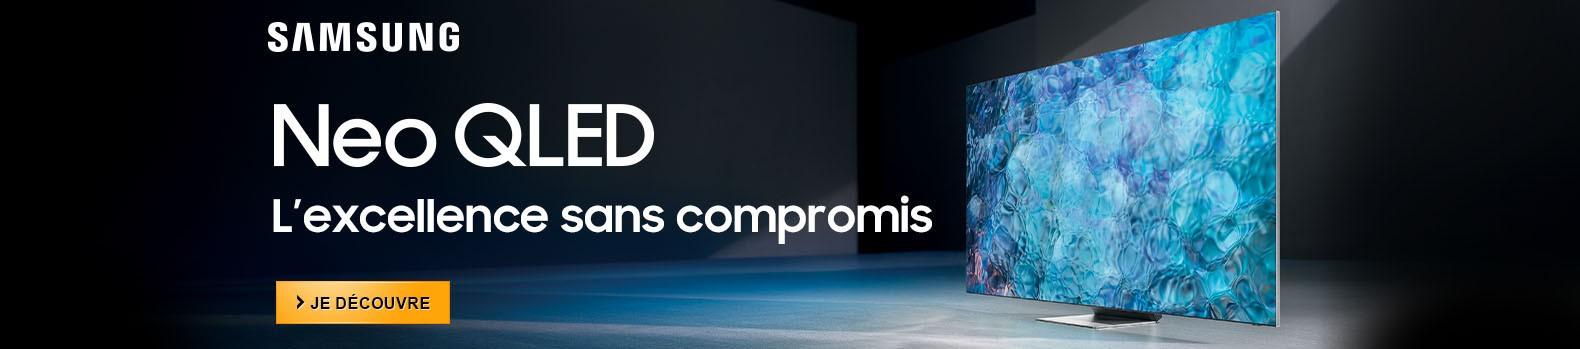 Nouveaux téléviseurs Samsung Neo QLED : l'excellence sans compromis